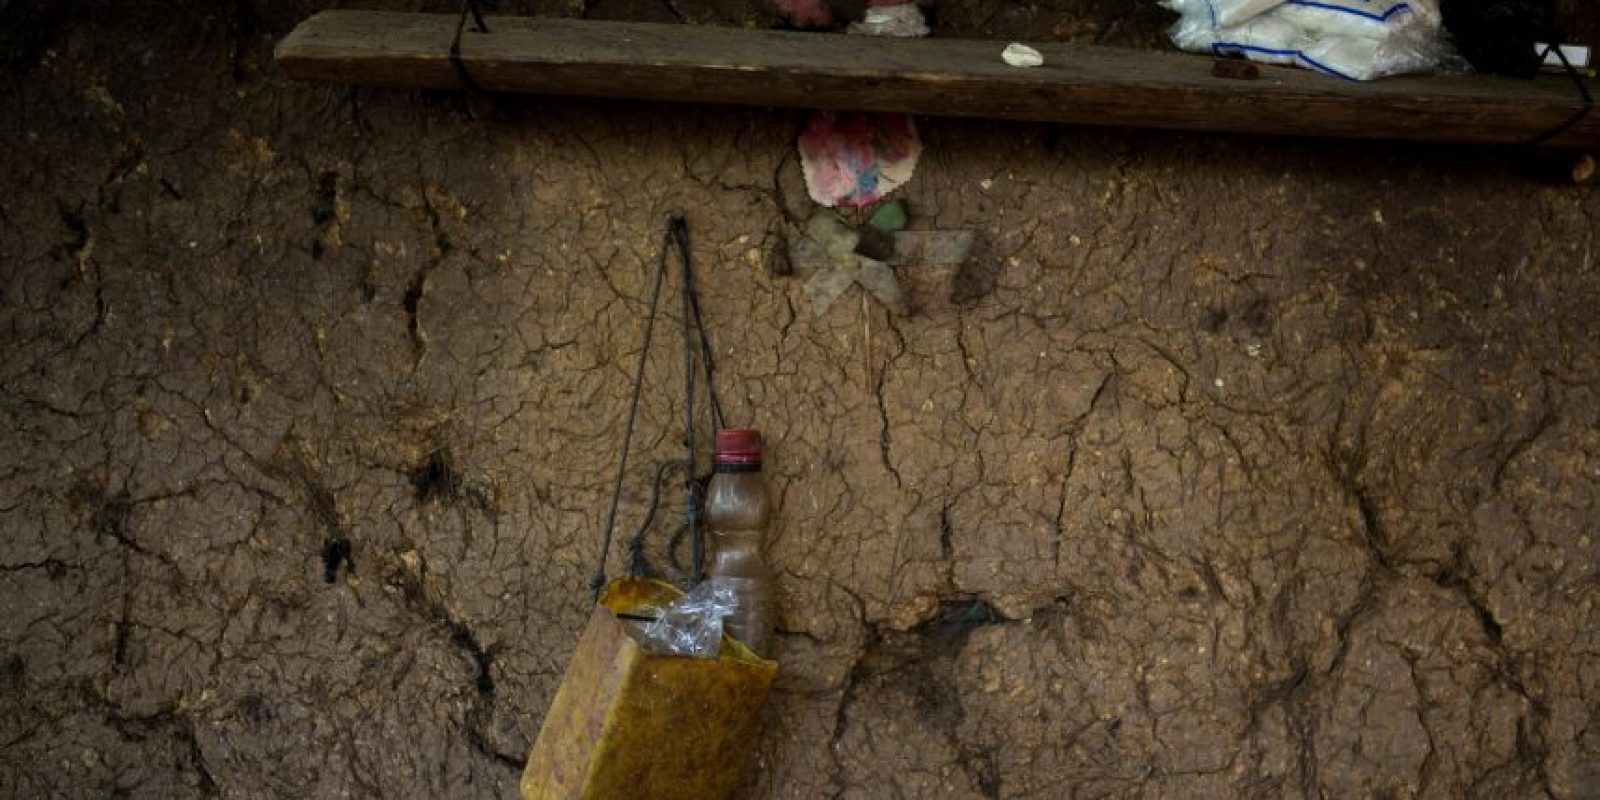 """En esta fotografía del 31 de mayo de 2016, se observan bolsas de sal en una repisa de la casa de Jovita Vásquez al inicio de la temporada de """"hambre estacional"""" en el pueblo de Las Flores, en el estado oriental Chiquimula en Guatemala. Históricamente afectados por la pobreza, miles de habitantes del este de Guatemala padecen una prolongada sequía que ha derivado en una crisis alimentaria. Foto:Moises Castillo/ AP"""